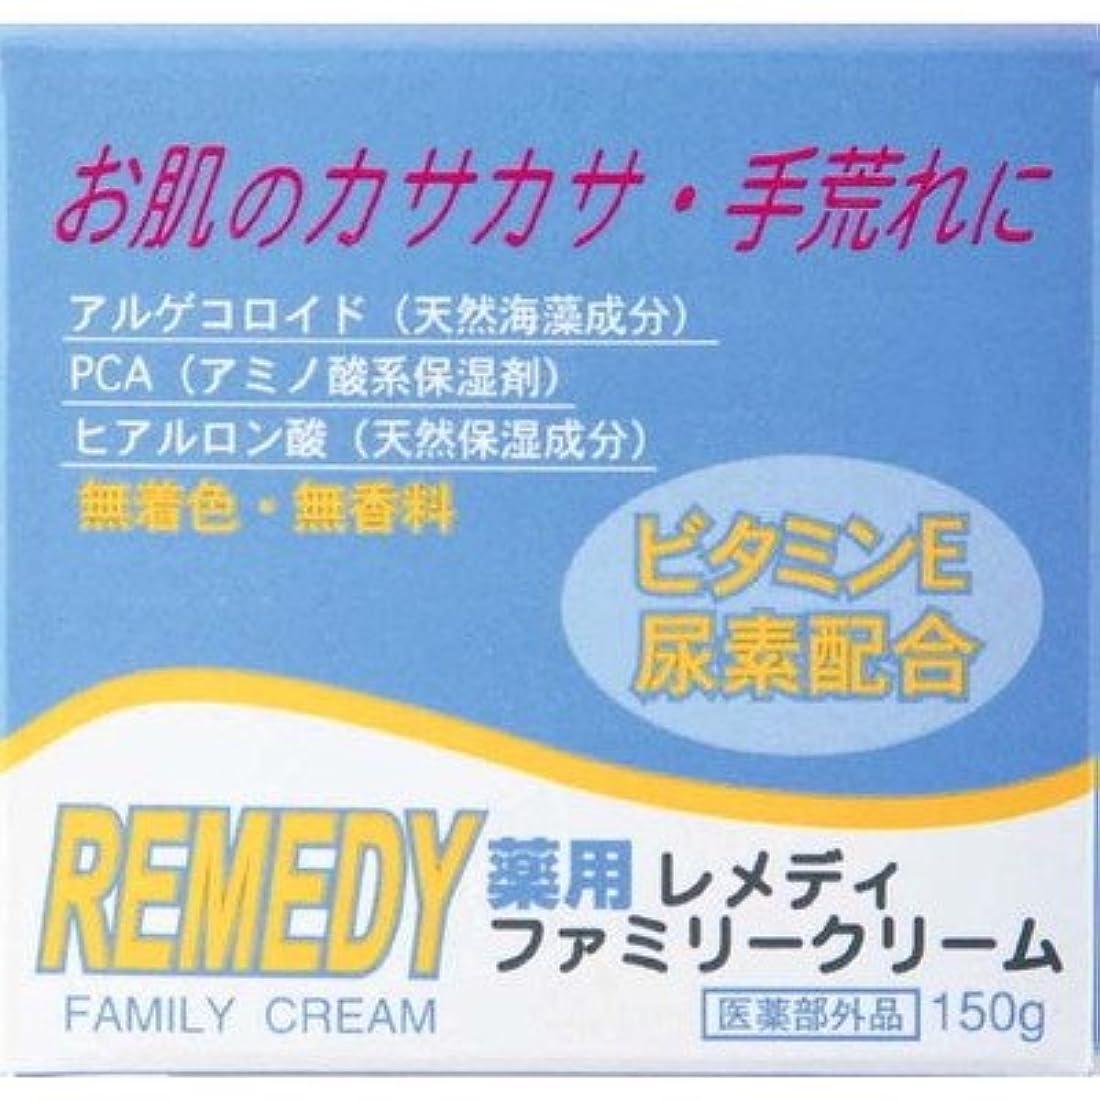 従事したずるい宿る【医薬部外品】薬用レメディ ファミリークリーム 150g